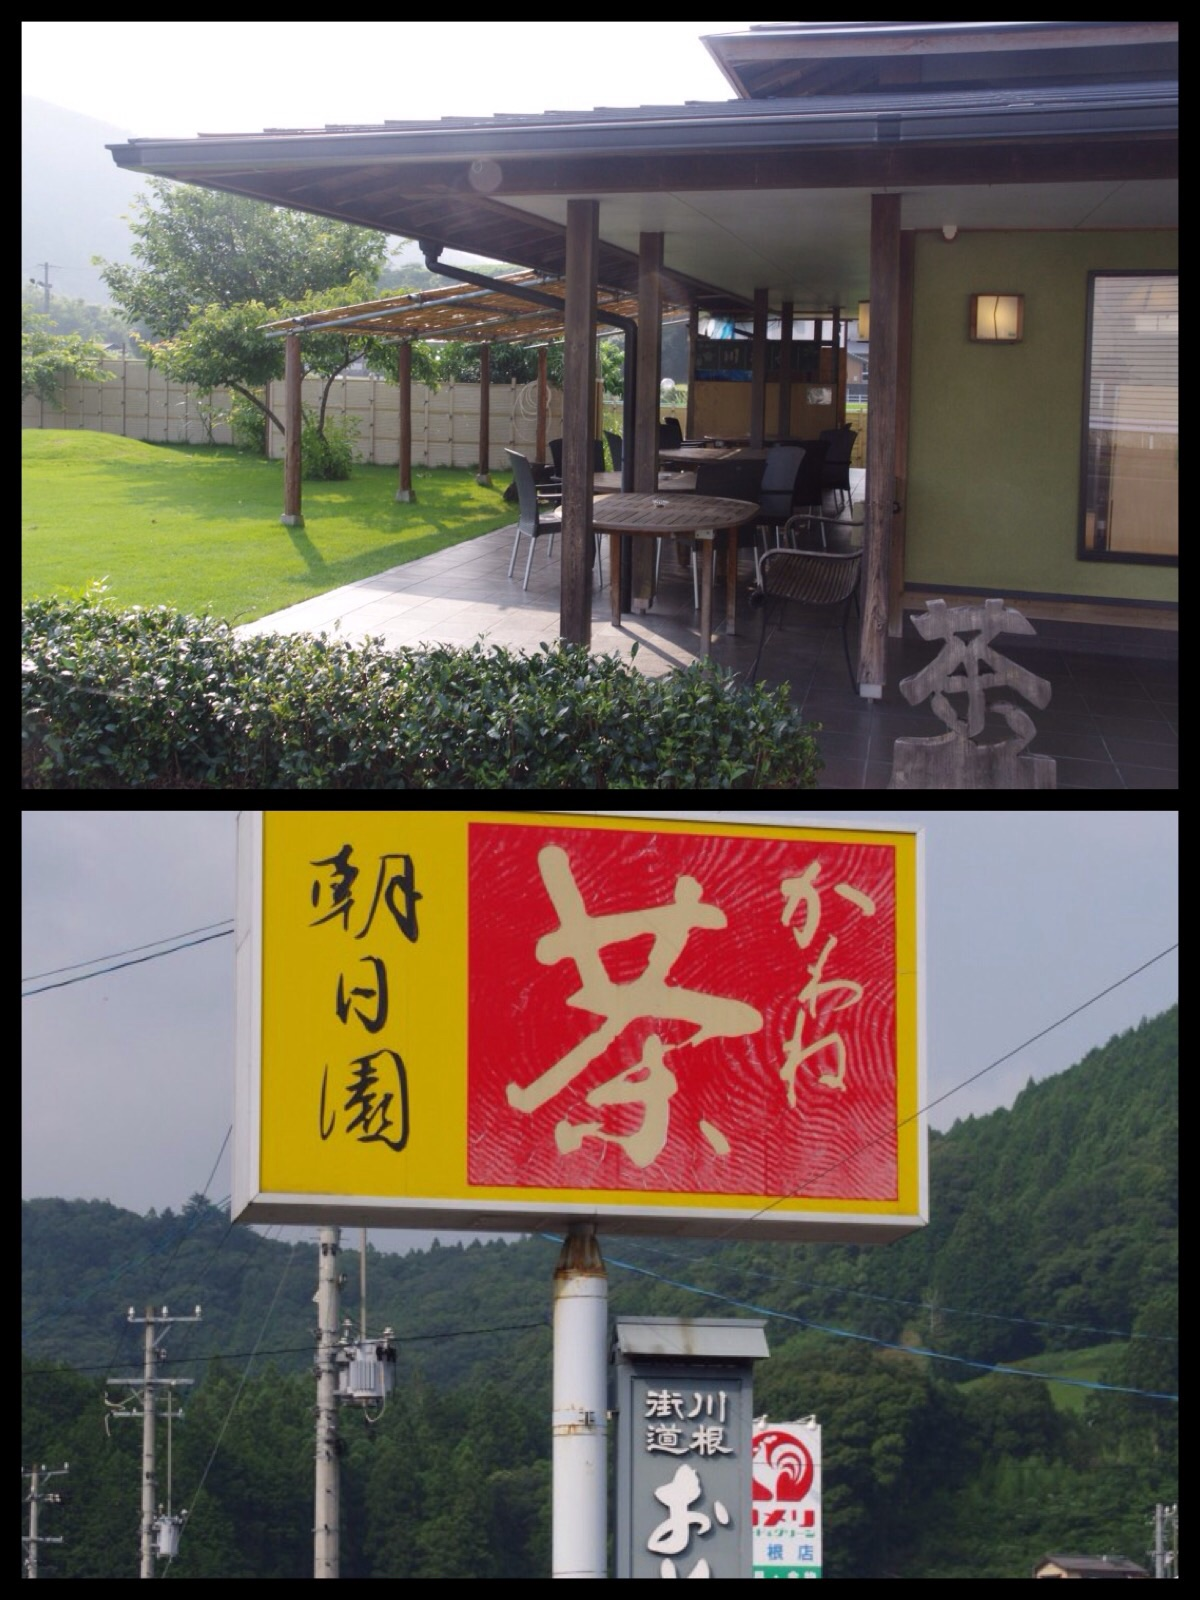 不動の滝オートキャンプ場 川根茶 朝日園喫茶